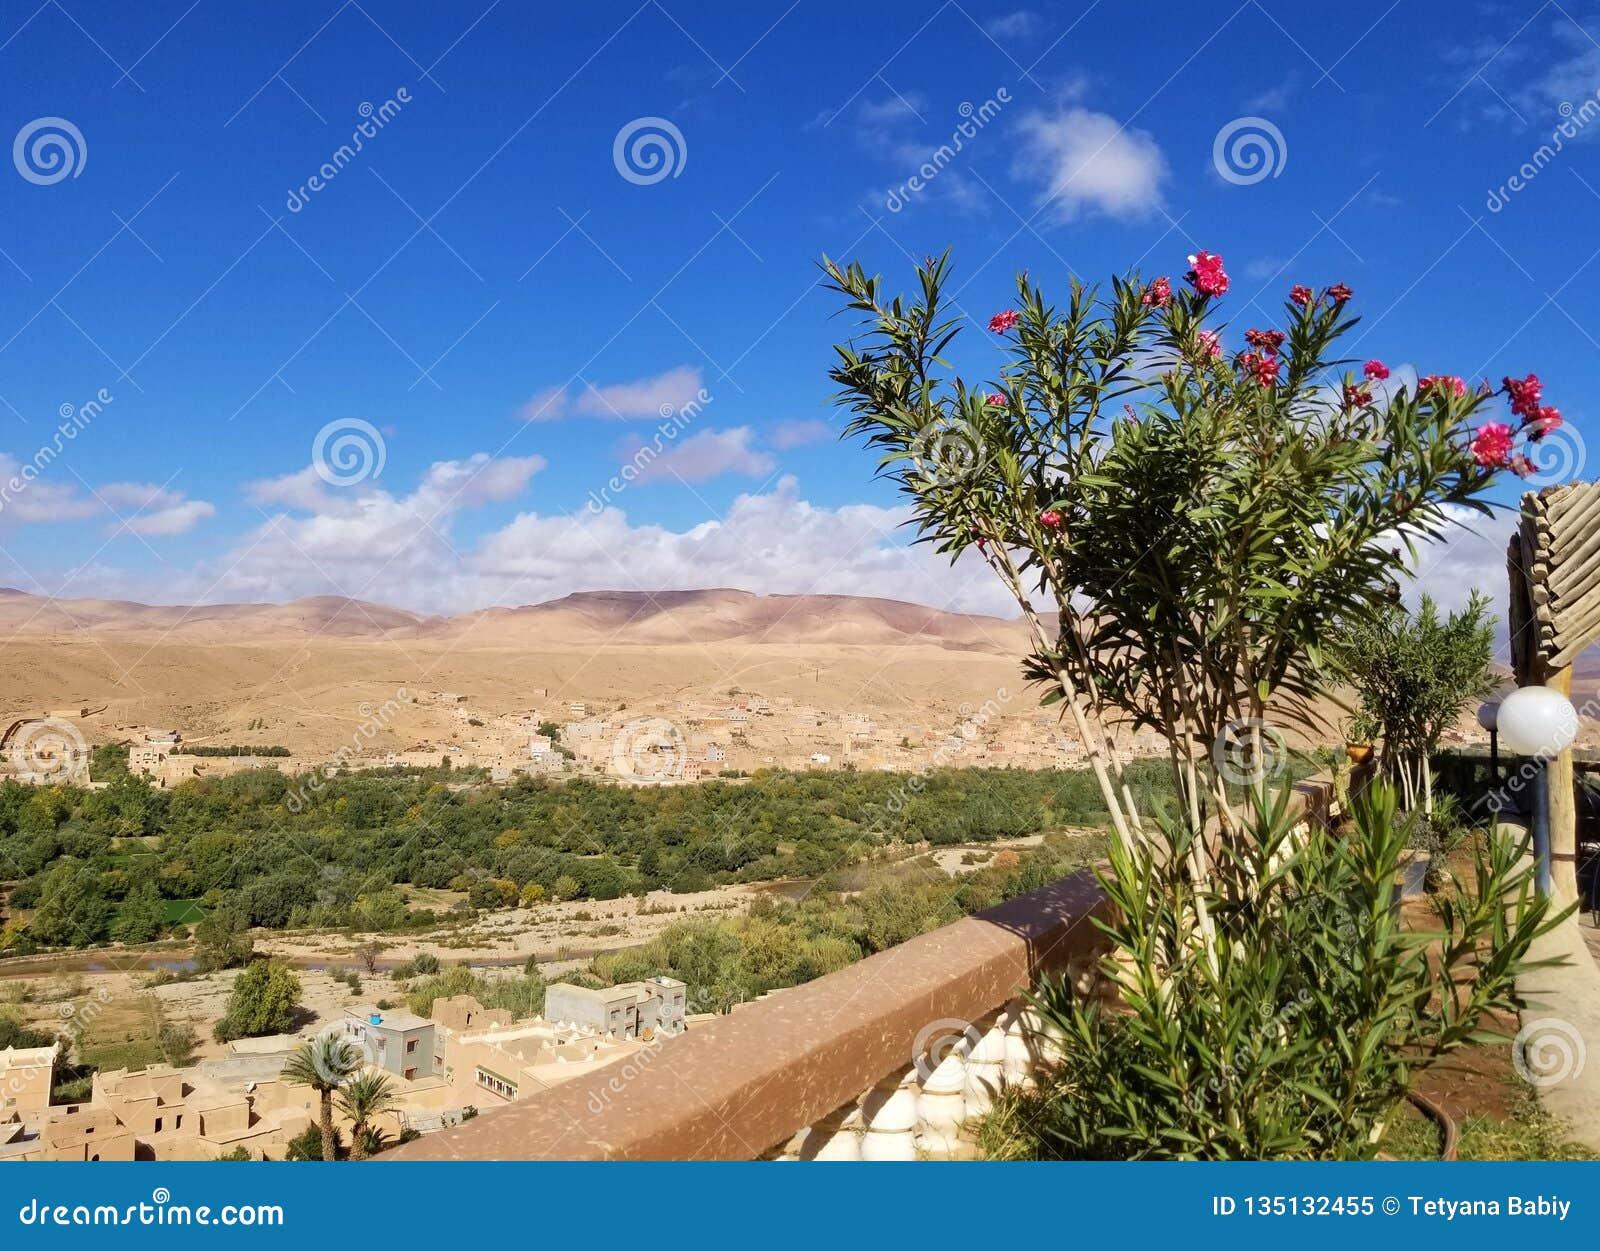 Een kleine oase in woestijn